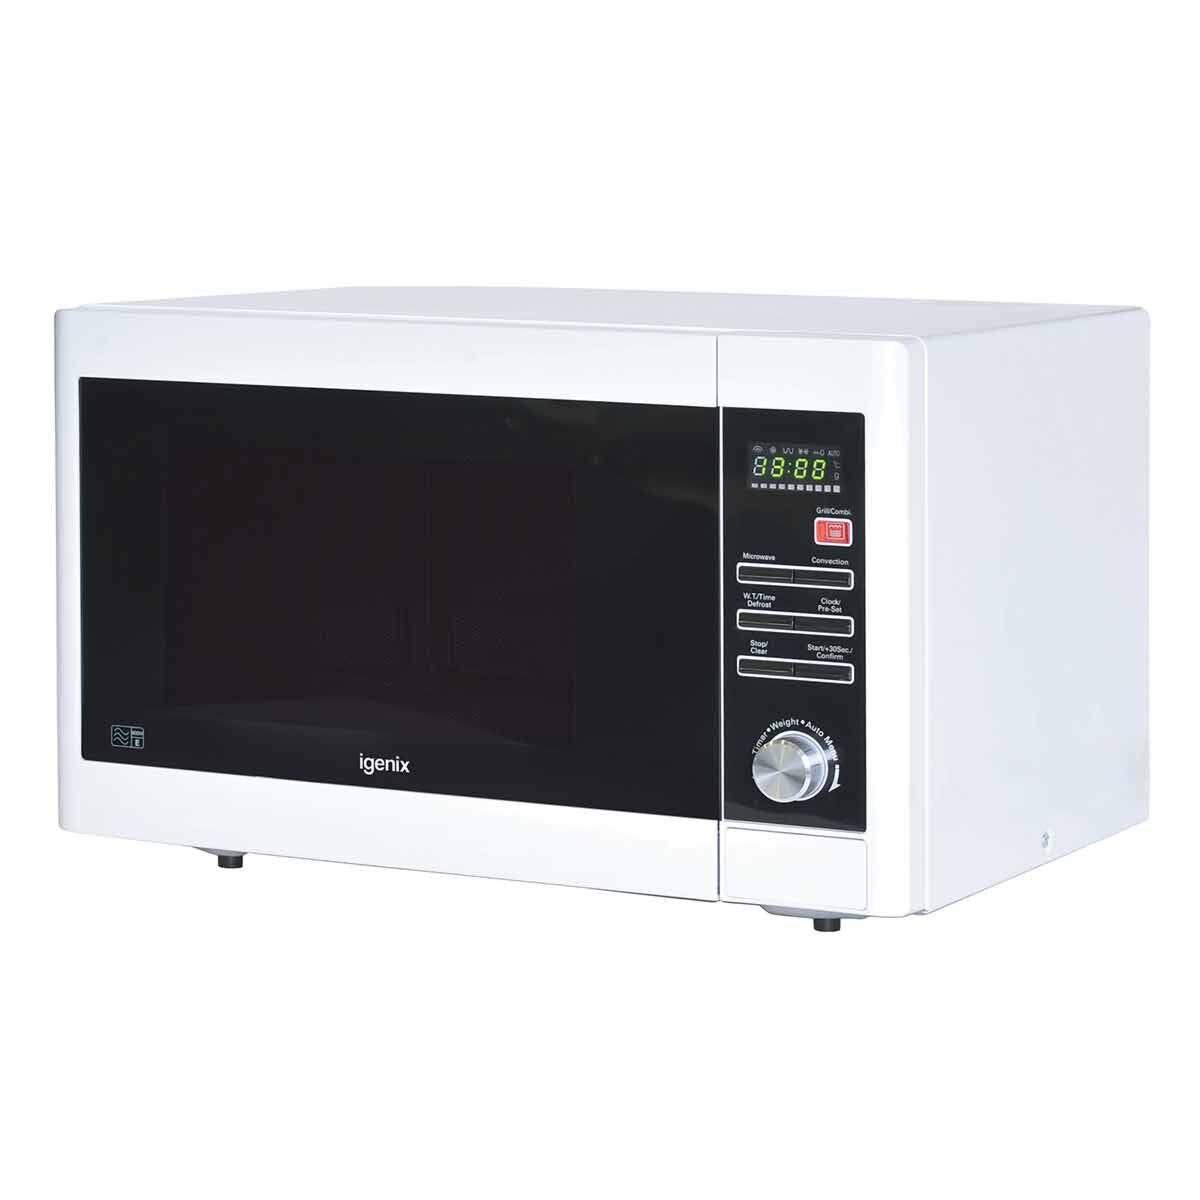 Igenix Digital Microwave 30 Litre 900W